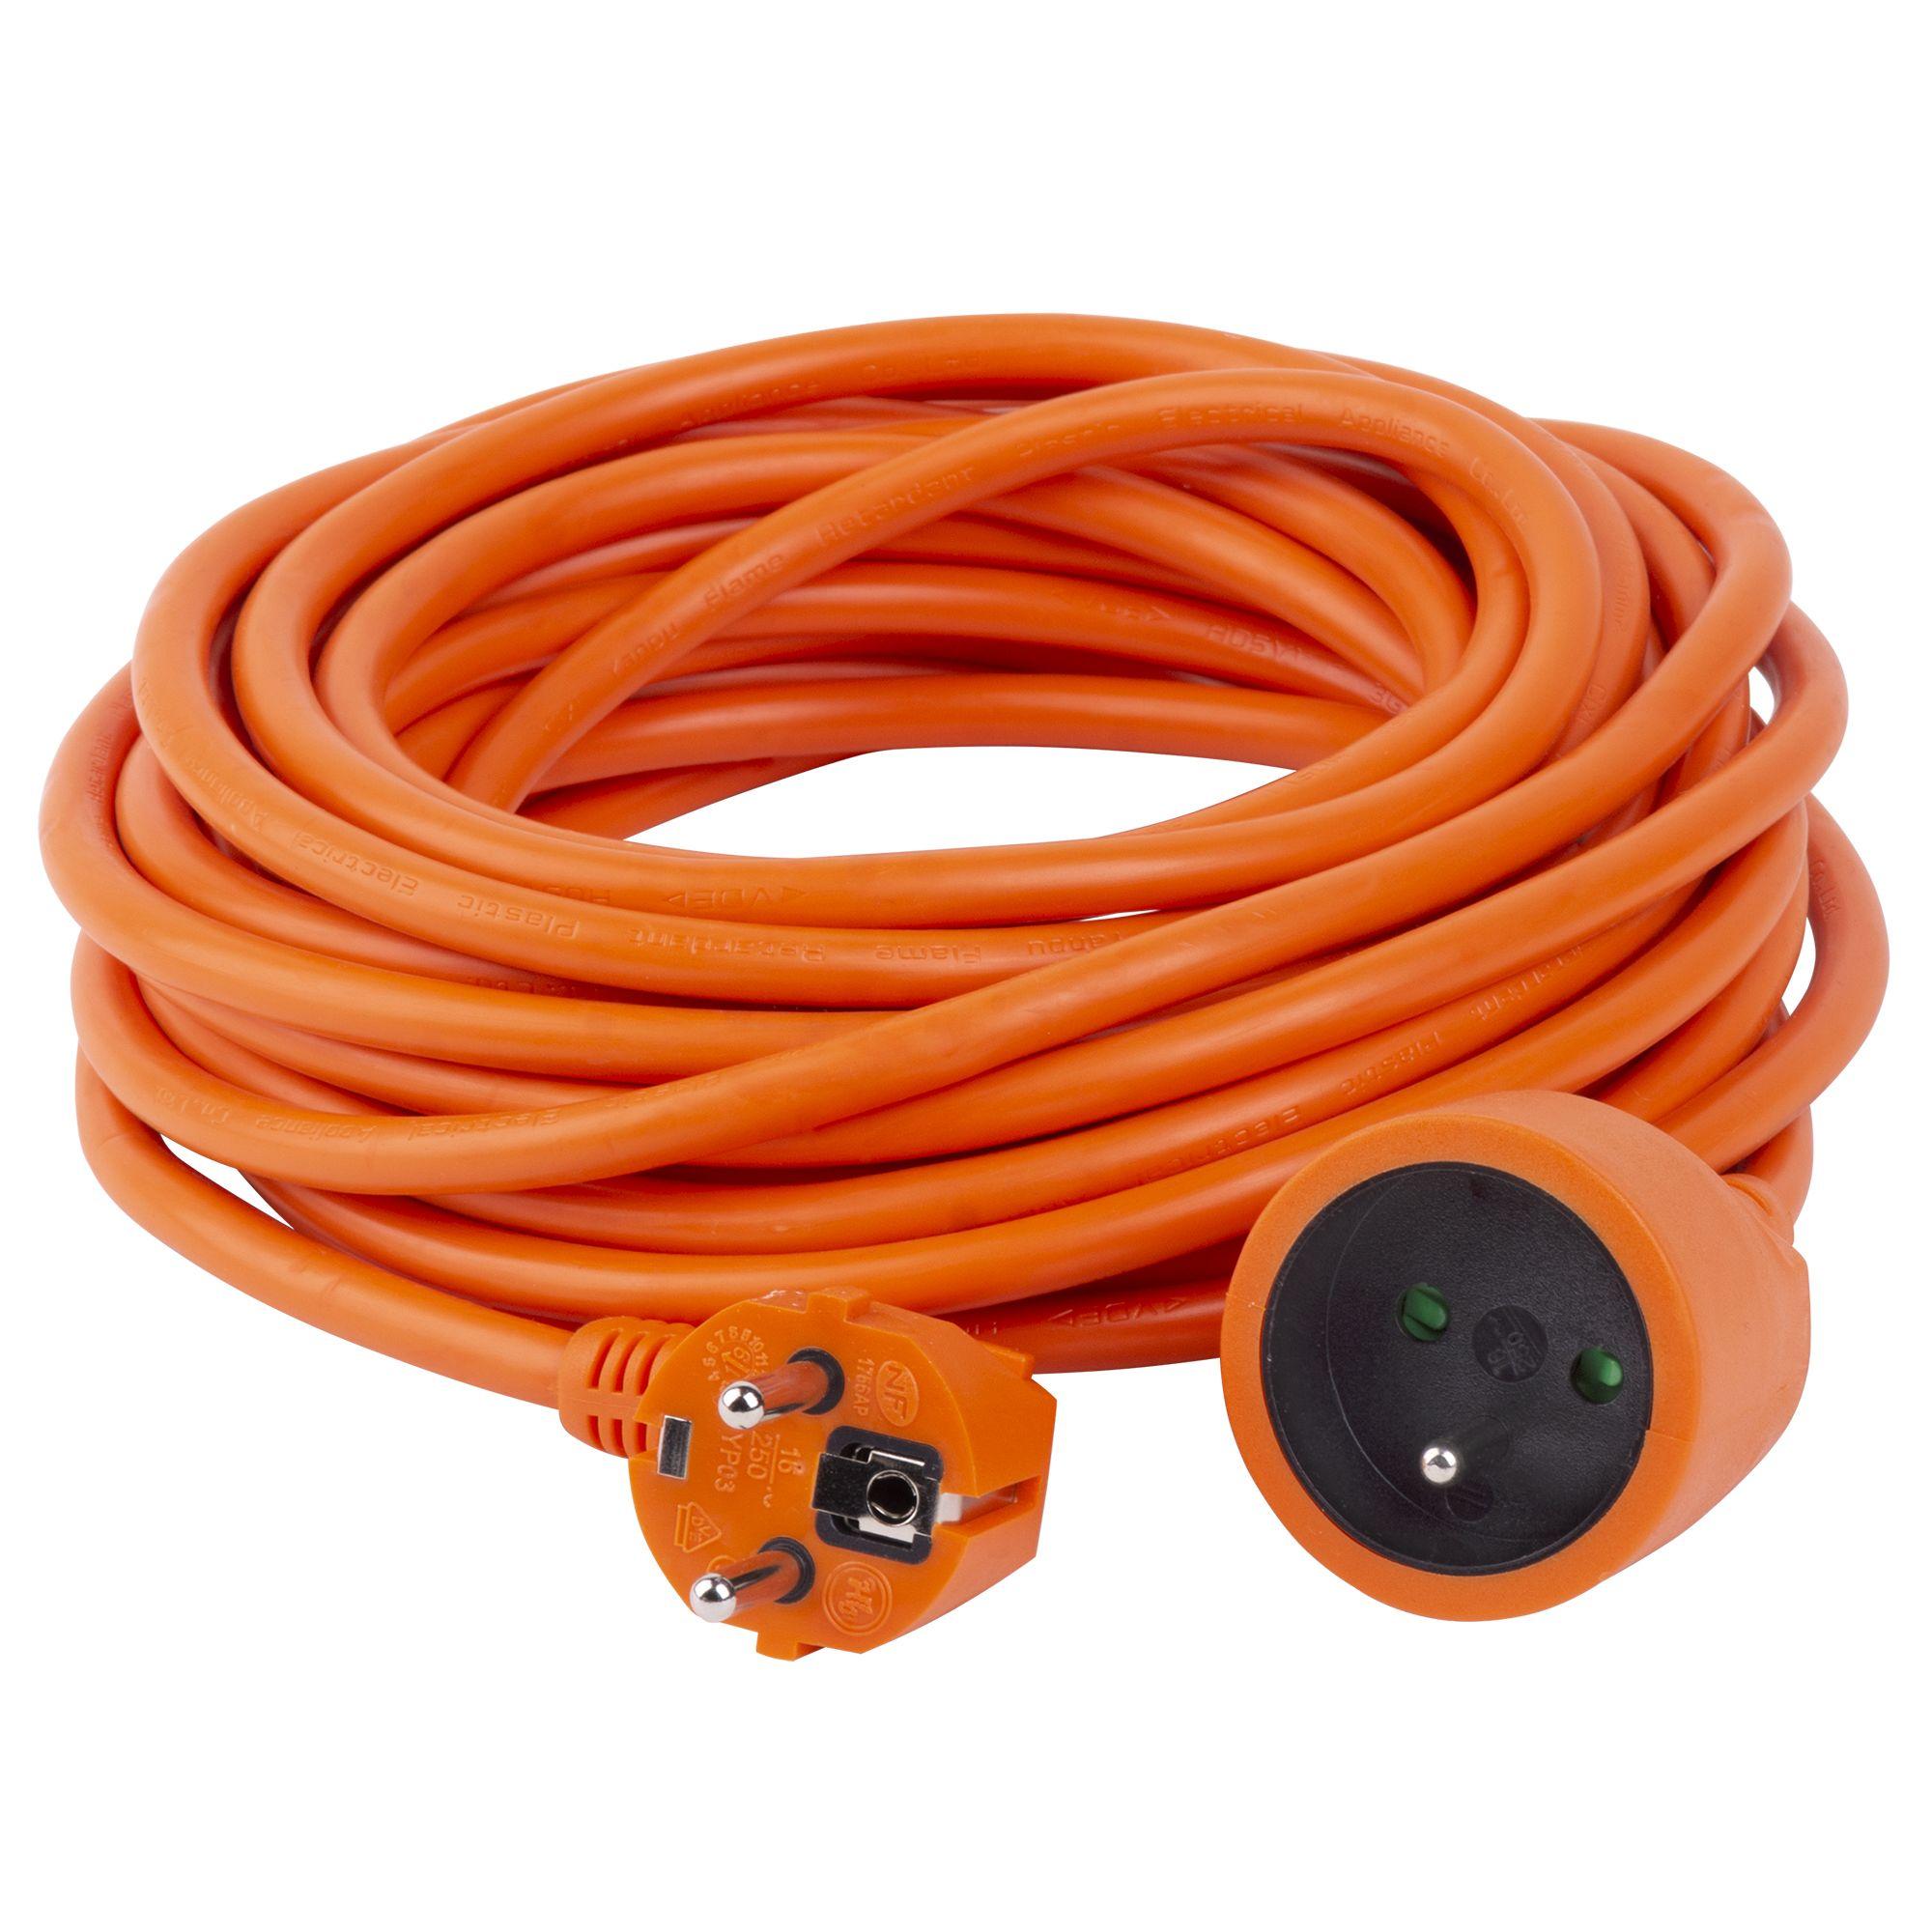 Prodlužovací kabel, délka 30m, 1 zás., 3x1,5mm, oranž., STREND PRO